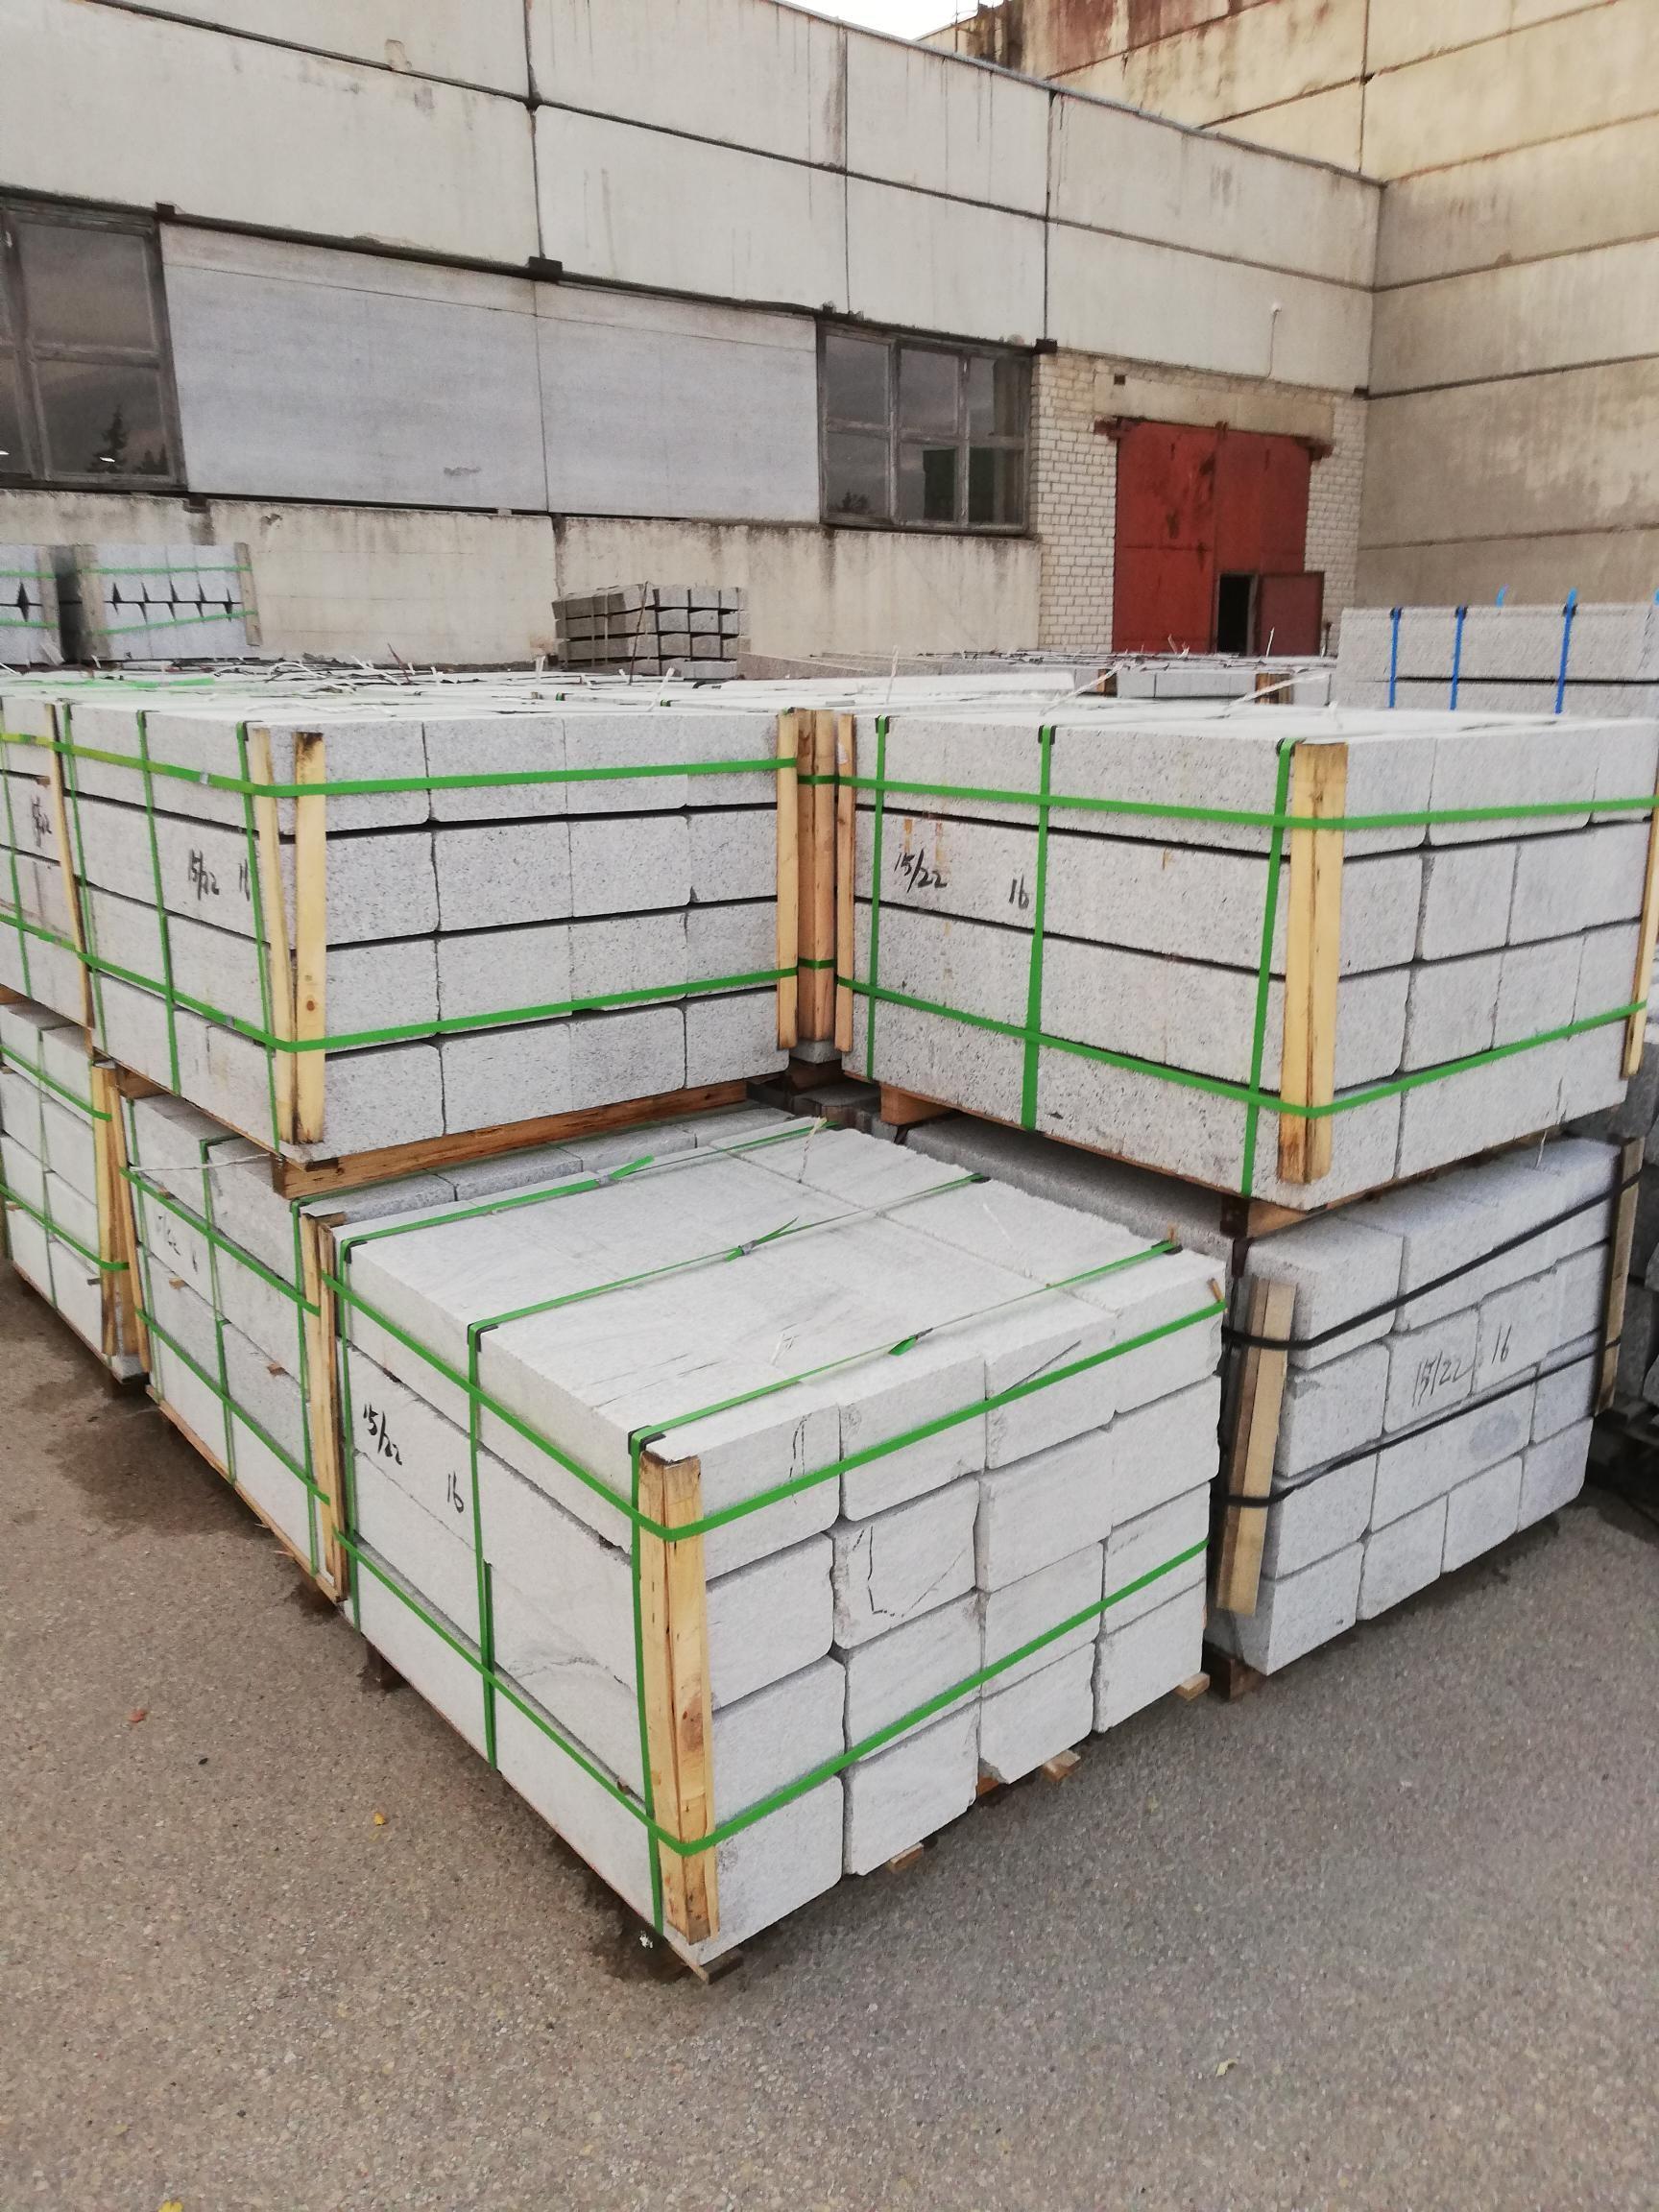 機材 協和 コンベア架台、建築用重、軽量鉄骨工事のパイオニア|会社概要|協和機材株式会社